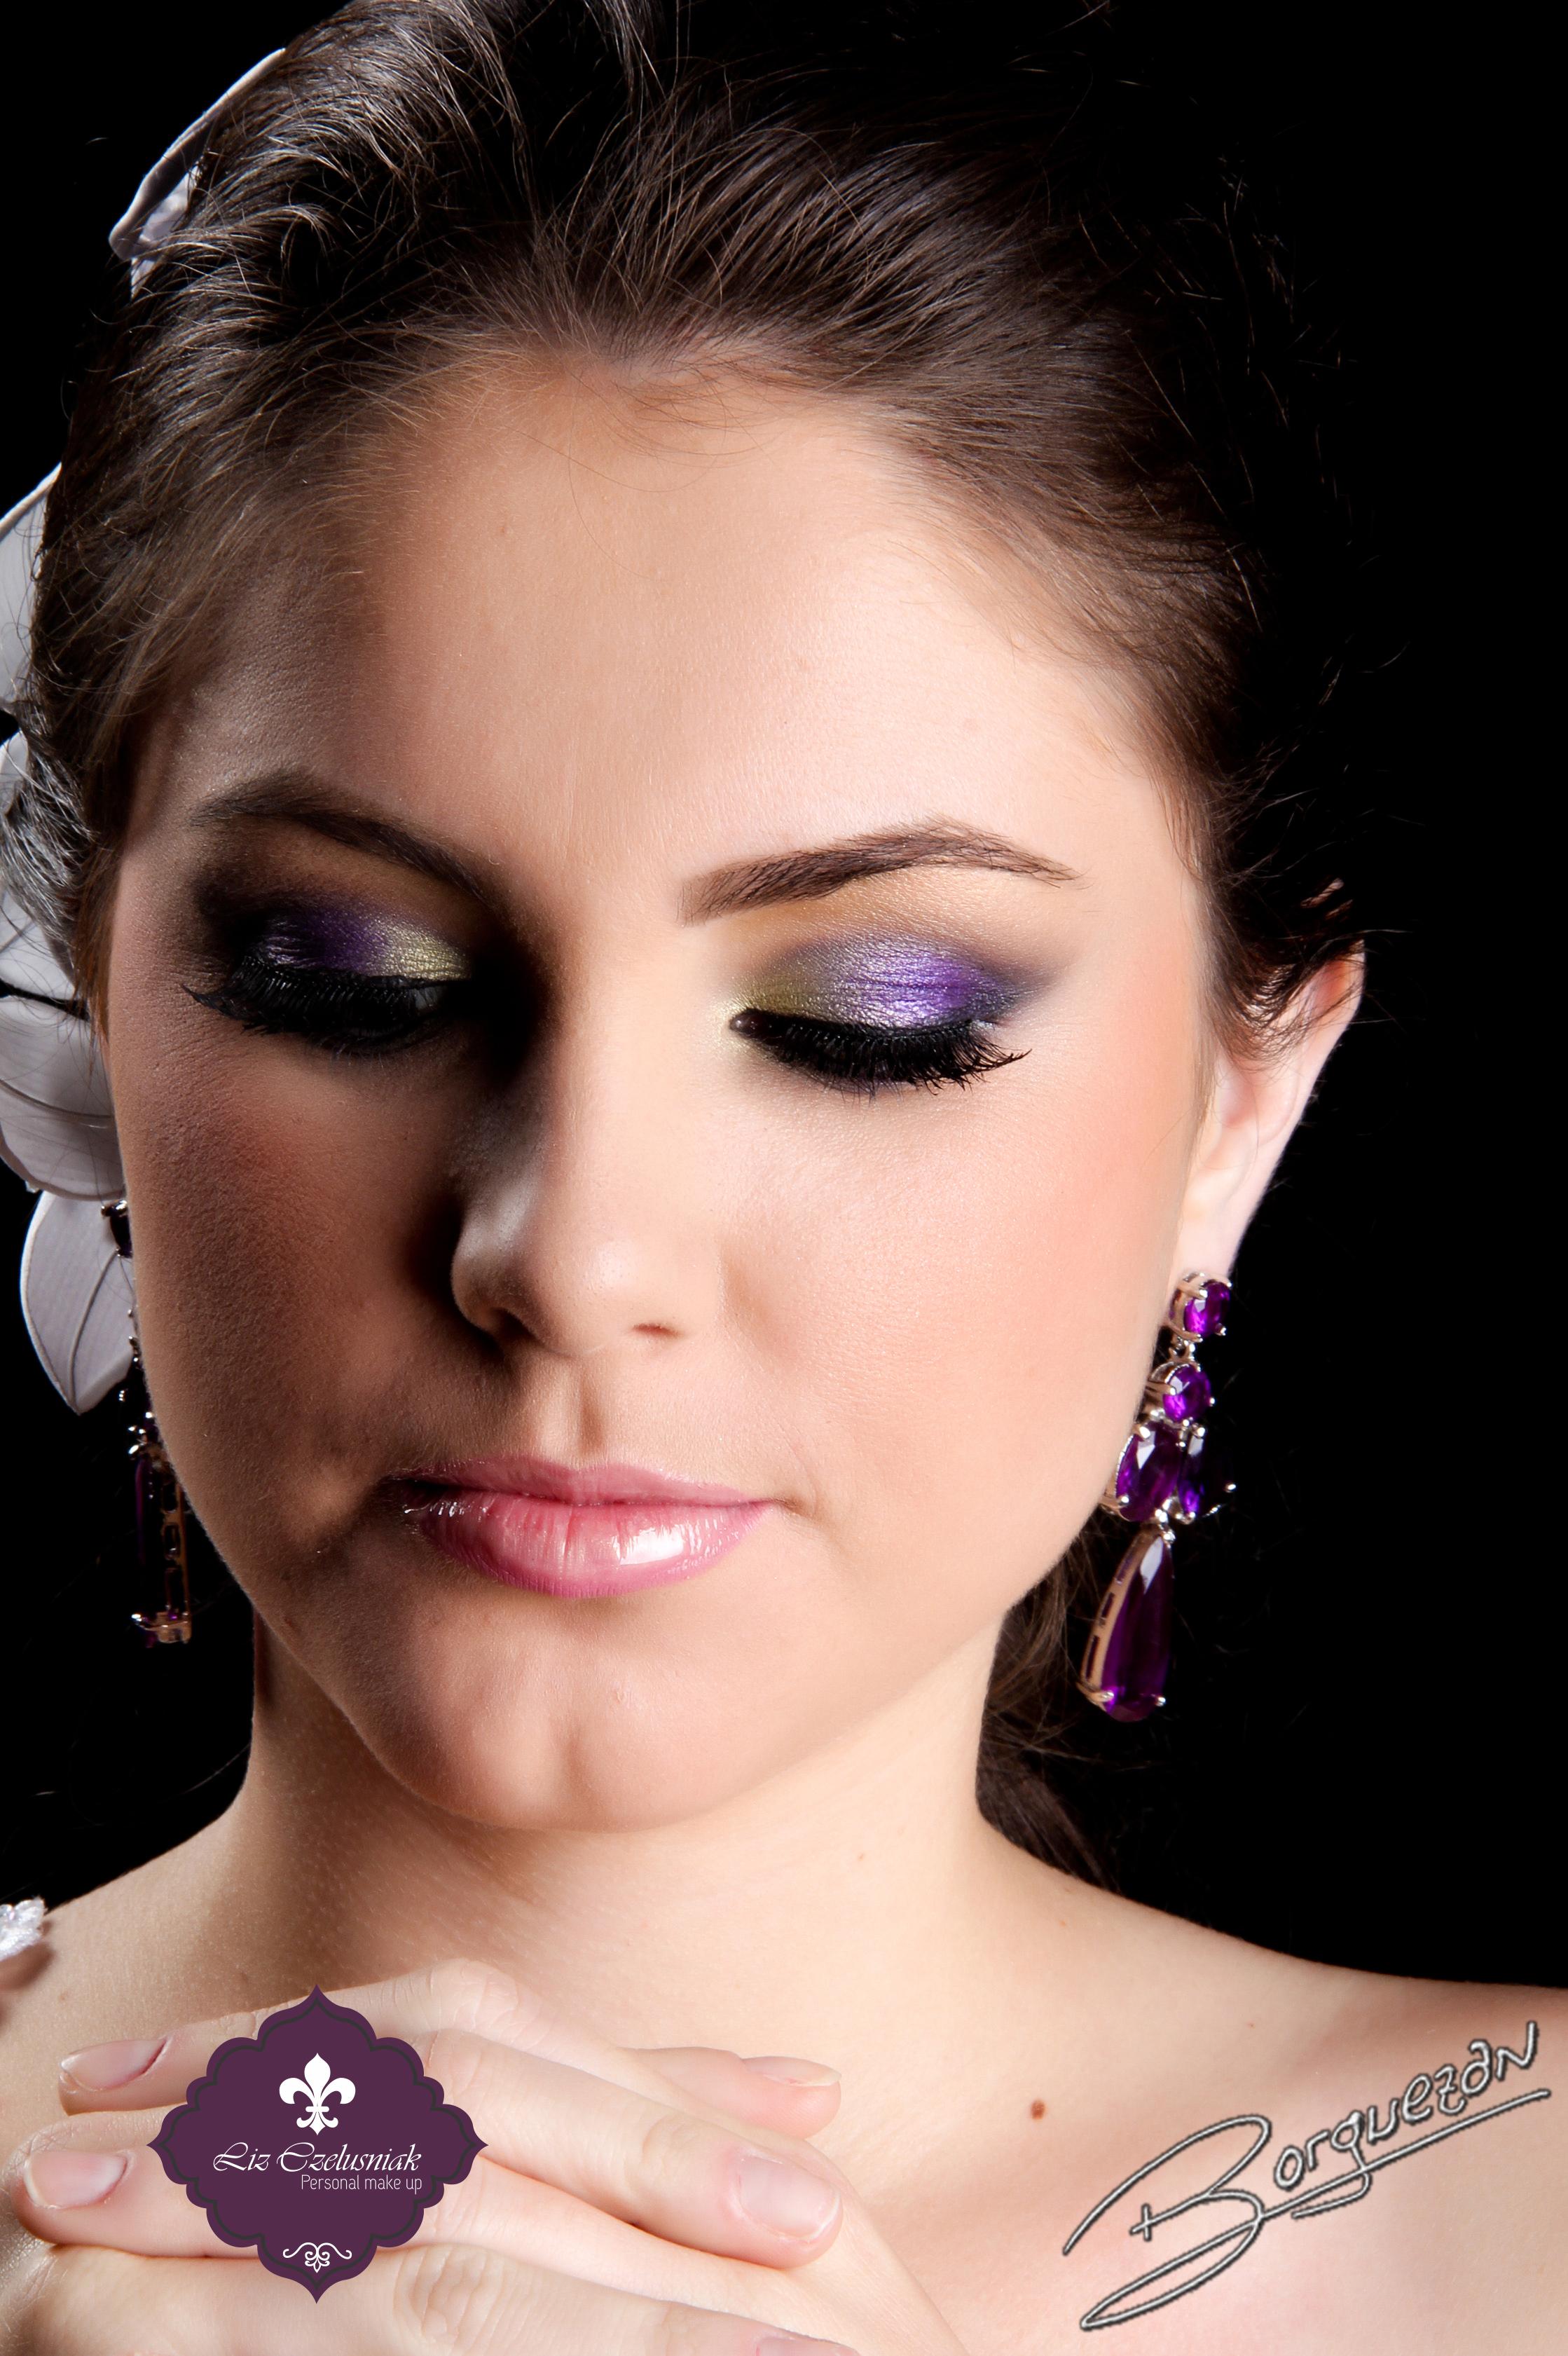 Noiva - Make e Hair by Liz Czelusniak MakeEsfumadoRoxo e Verde#PenteadoSemi-preso#Noiva#Casamento#by#LizCzelusniak esfumado roxo, noiva, casamento, básico maquiagem  maquiador(a) cabeleireiro(a) designer de sobrancelhas